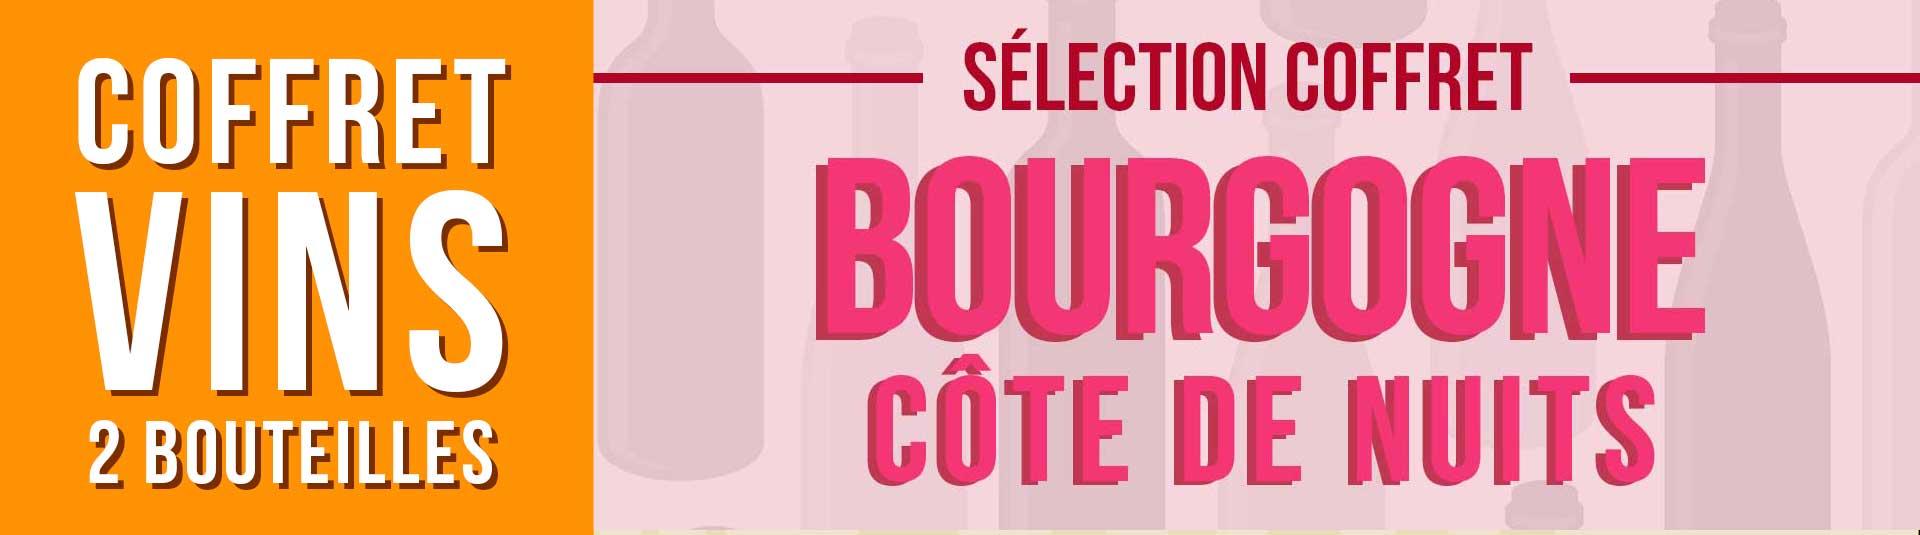 Coffret vin Bourgogne Côte de Nuits Sélection 2 bouteilles